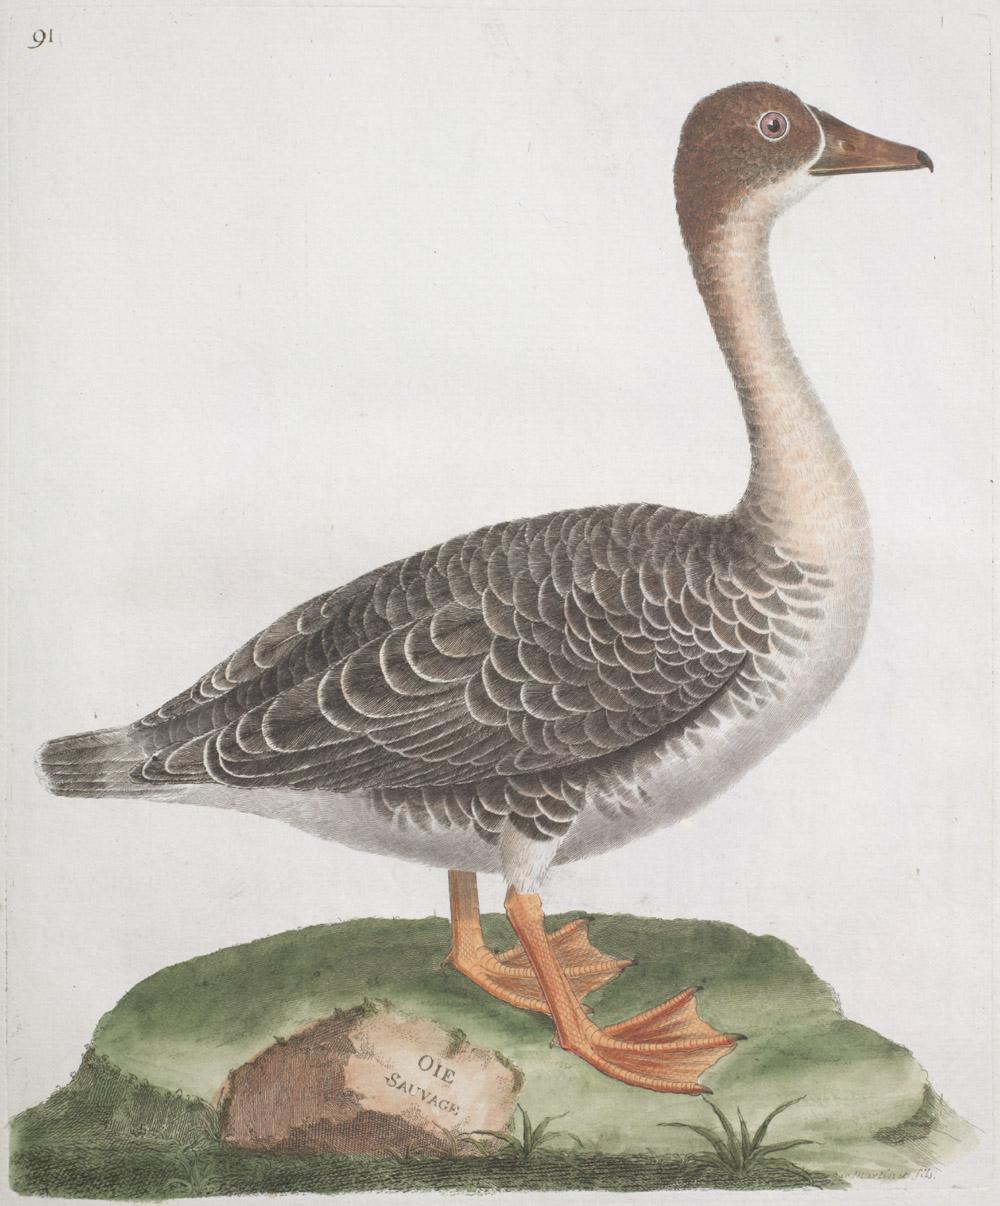 François-Nicolas Martinet, Ornithologie [Histoire des Oiseaux Peints dans Tous Leurs Aspects Apparents et Sensibles] [Ornithology], 1773-1792, Plate 91: The Wild Goose